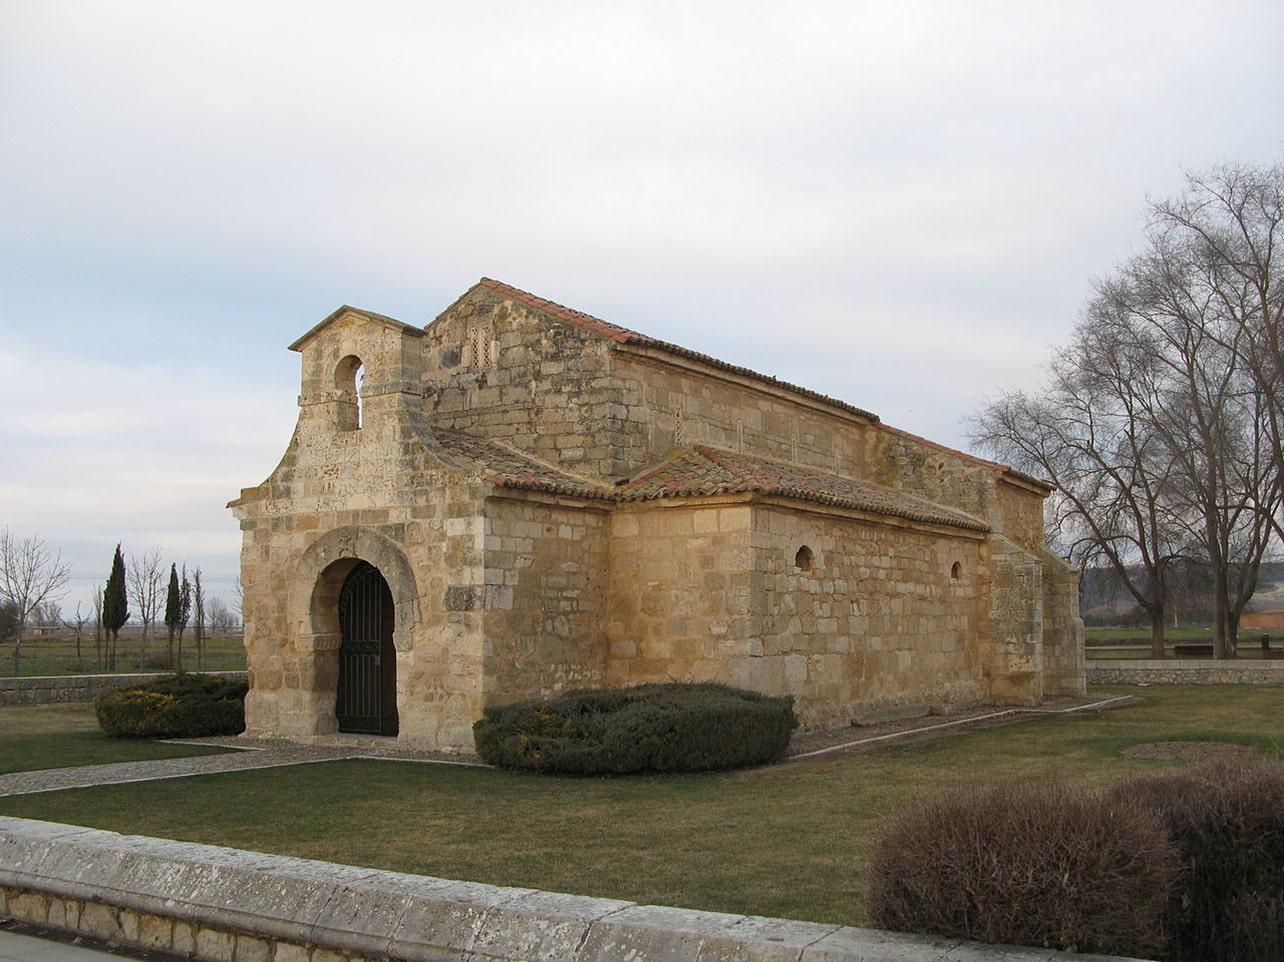 San Juan de Baños, Palencia - Orígenes de Europa